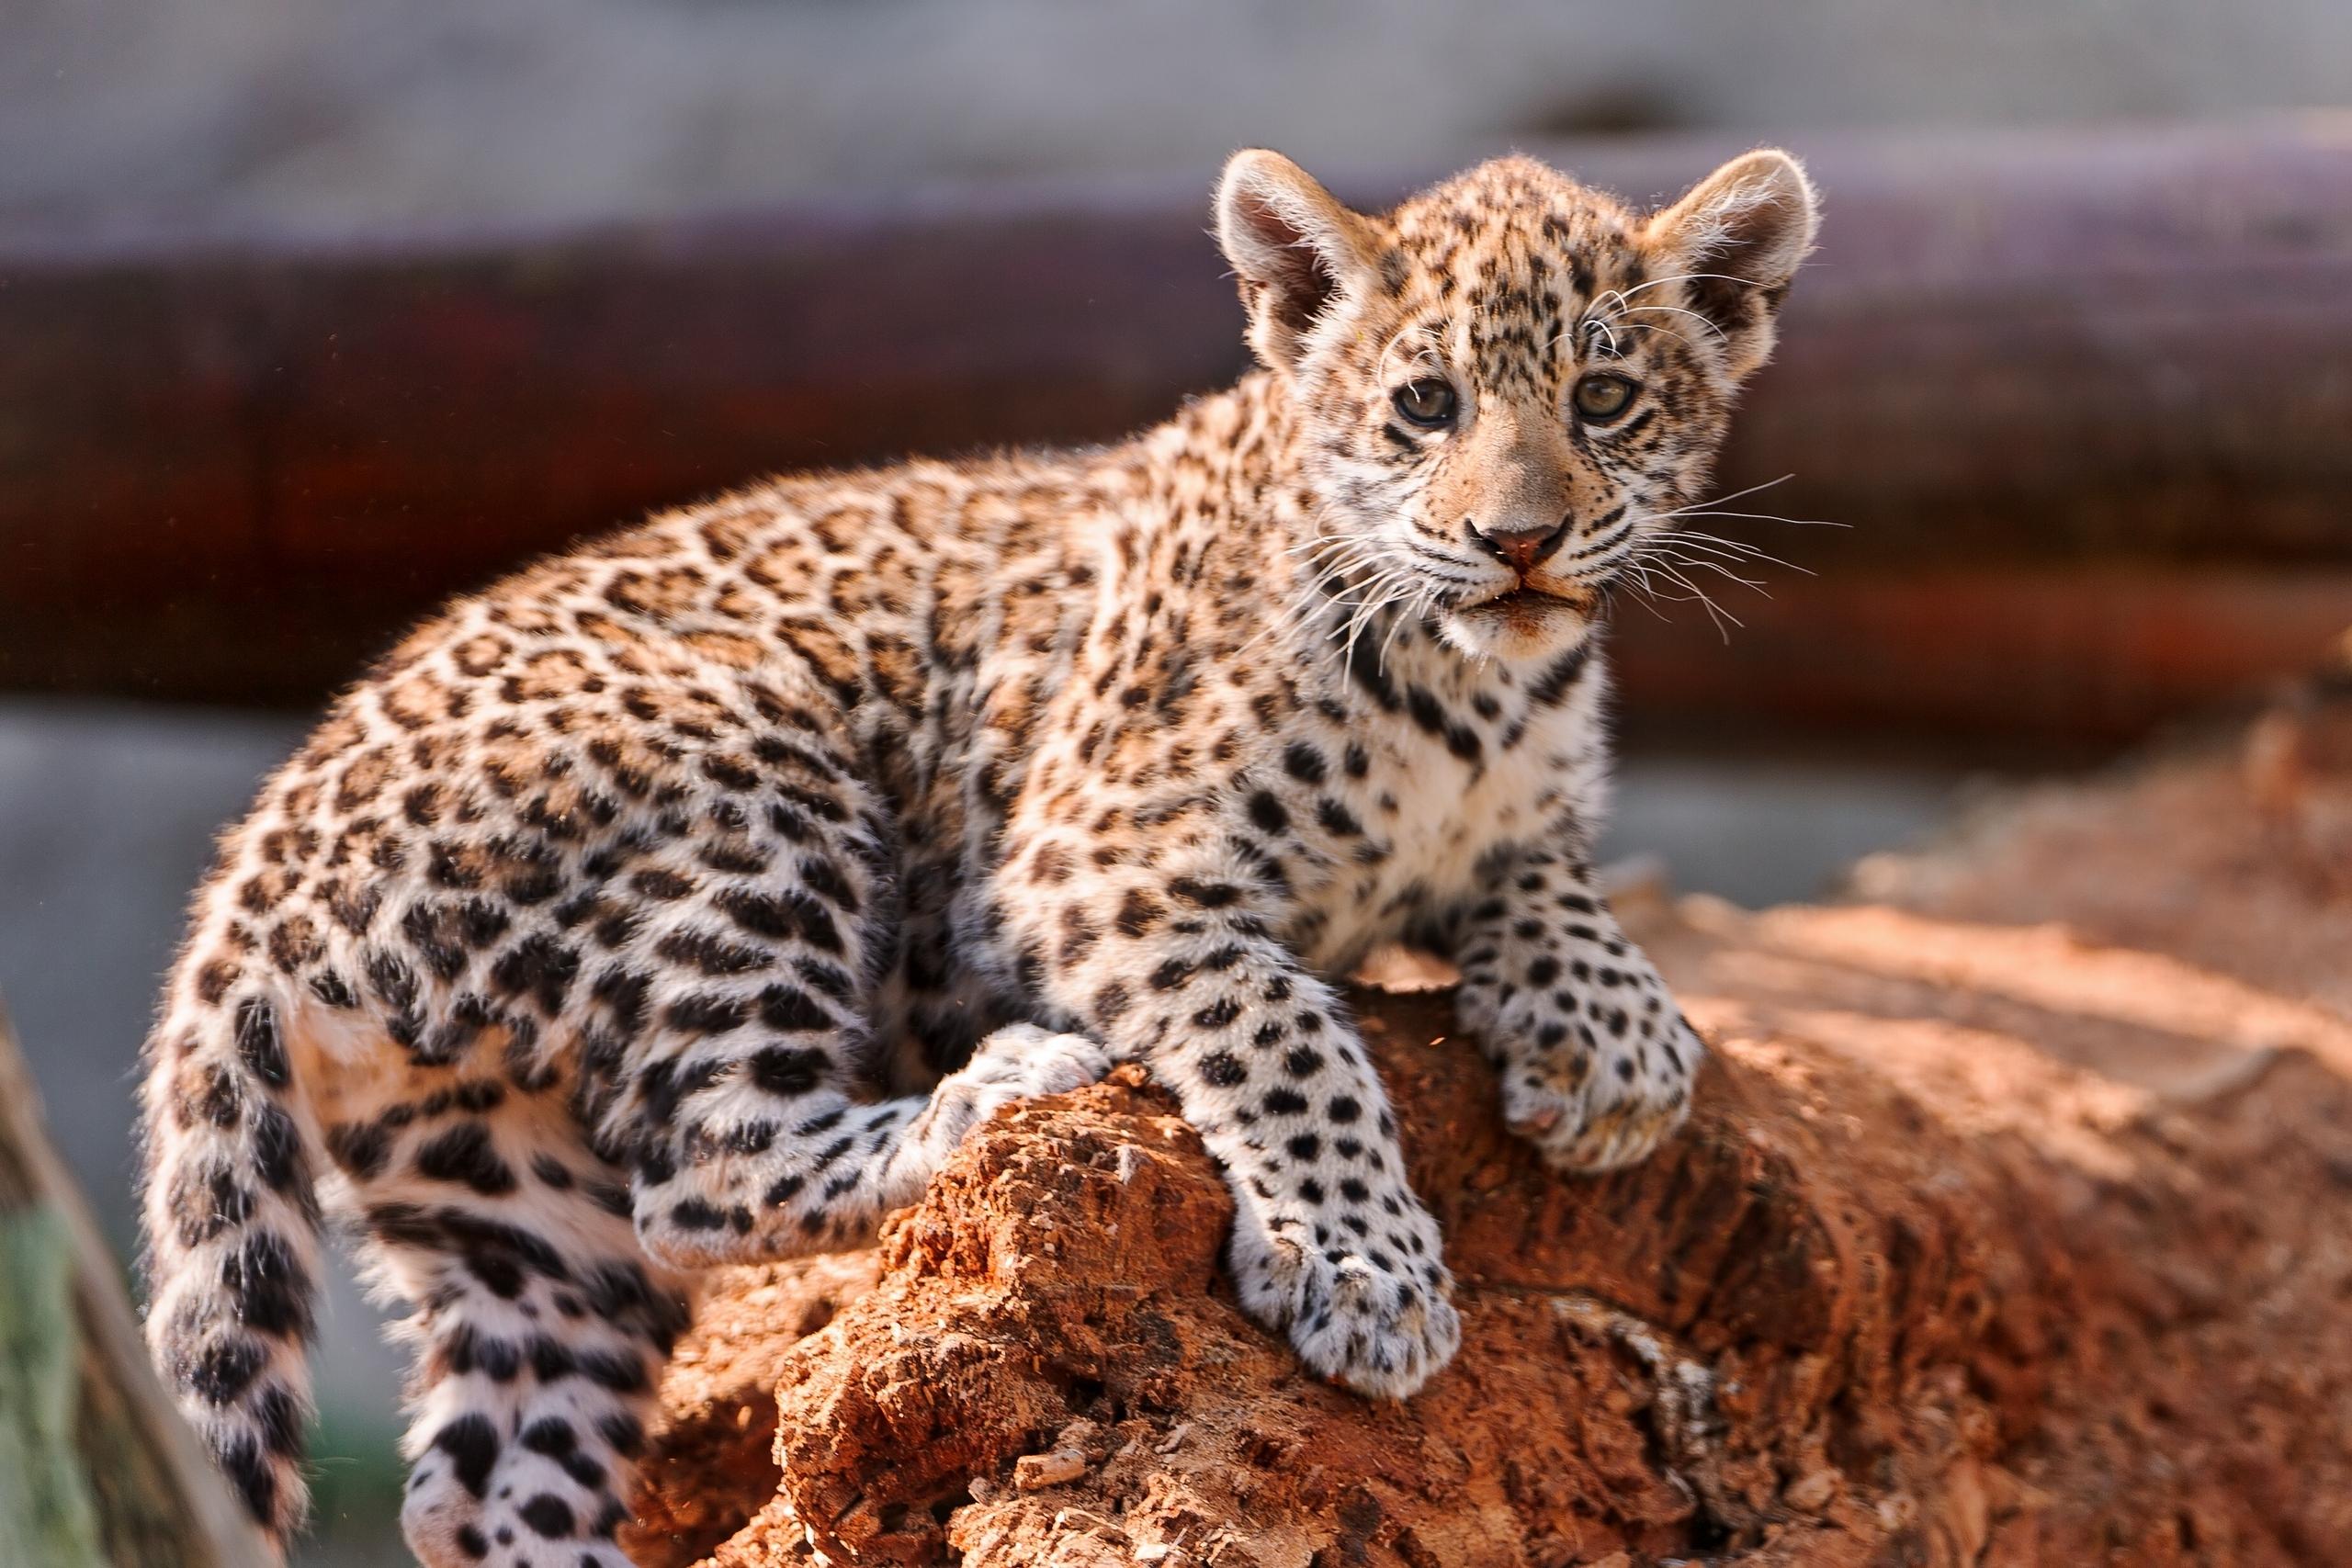 Animales Felino Leopardos Fondo De Pantalla Fondos De: Fondos De Pantalla Grandes Felinos Cachorros Leopardo